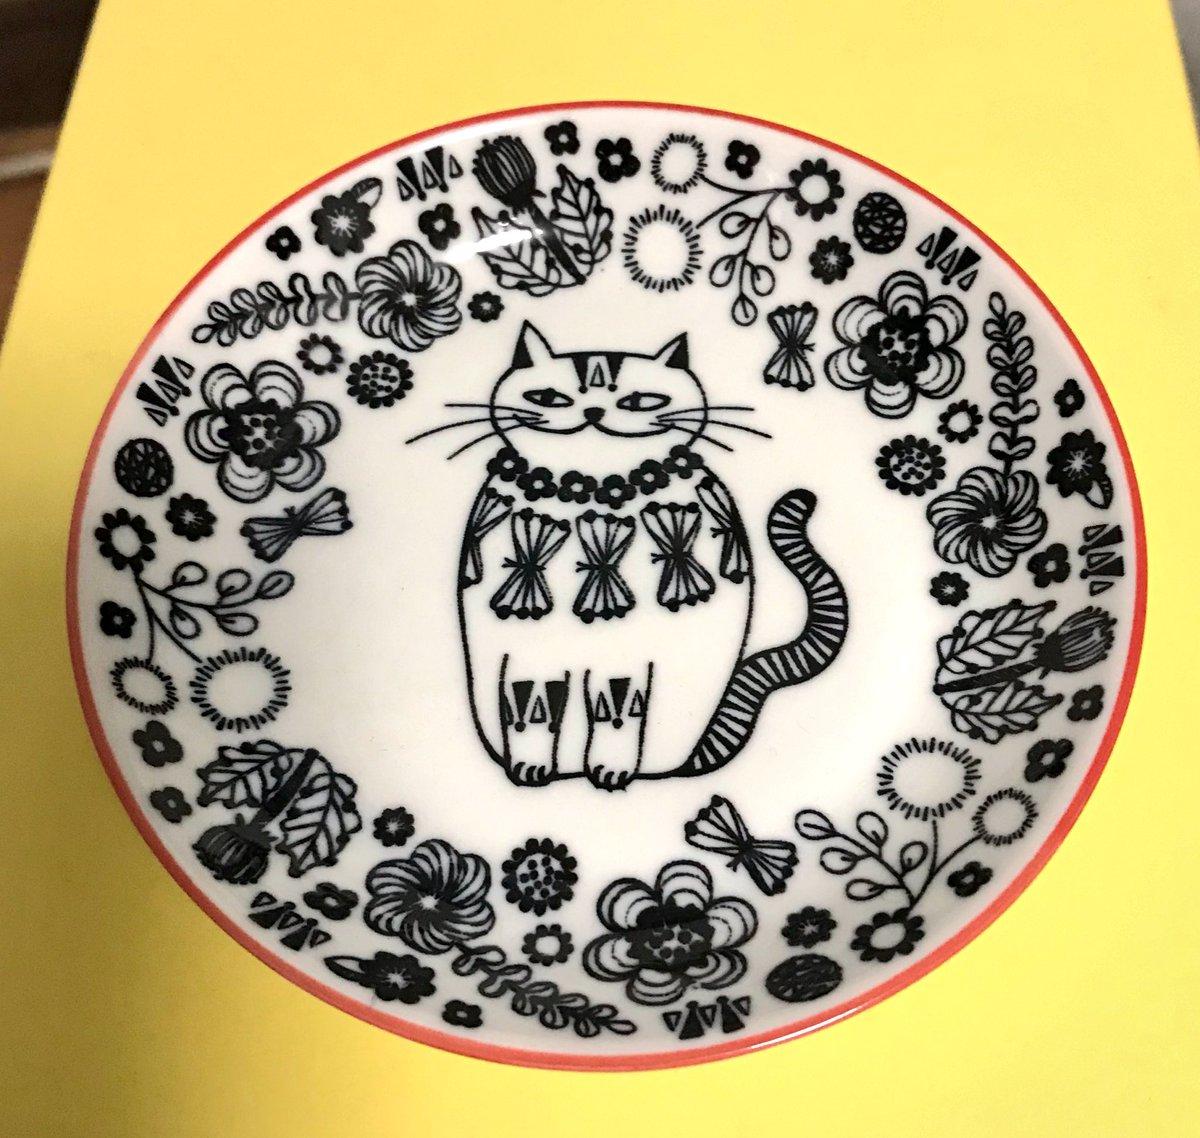 test ツイッターメディア - Seriaで買ってきた。 カワユス(*´ω`*)  #Seria #セリア #猫グッズ https://t.co/vj03j0HKAB